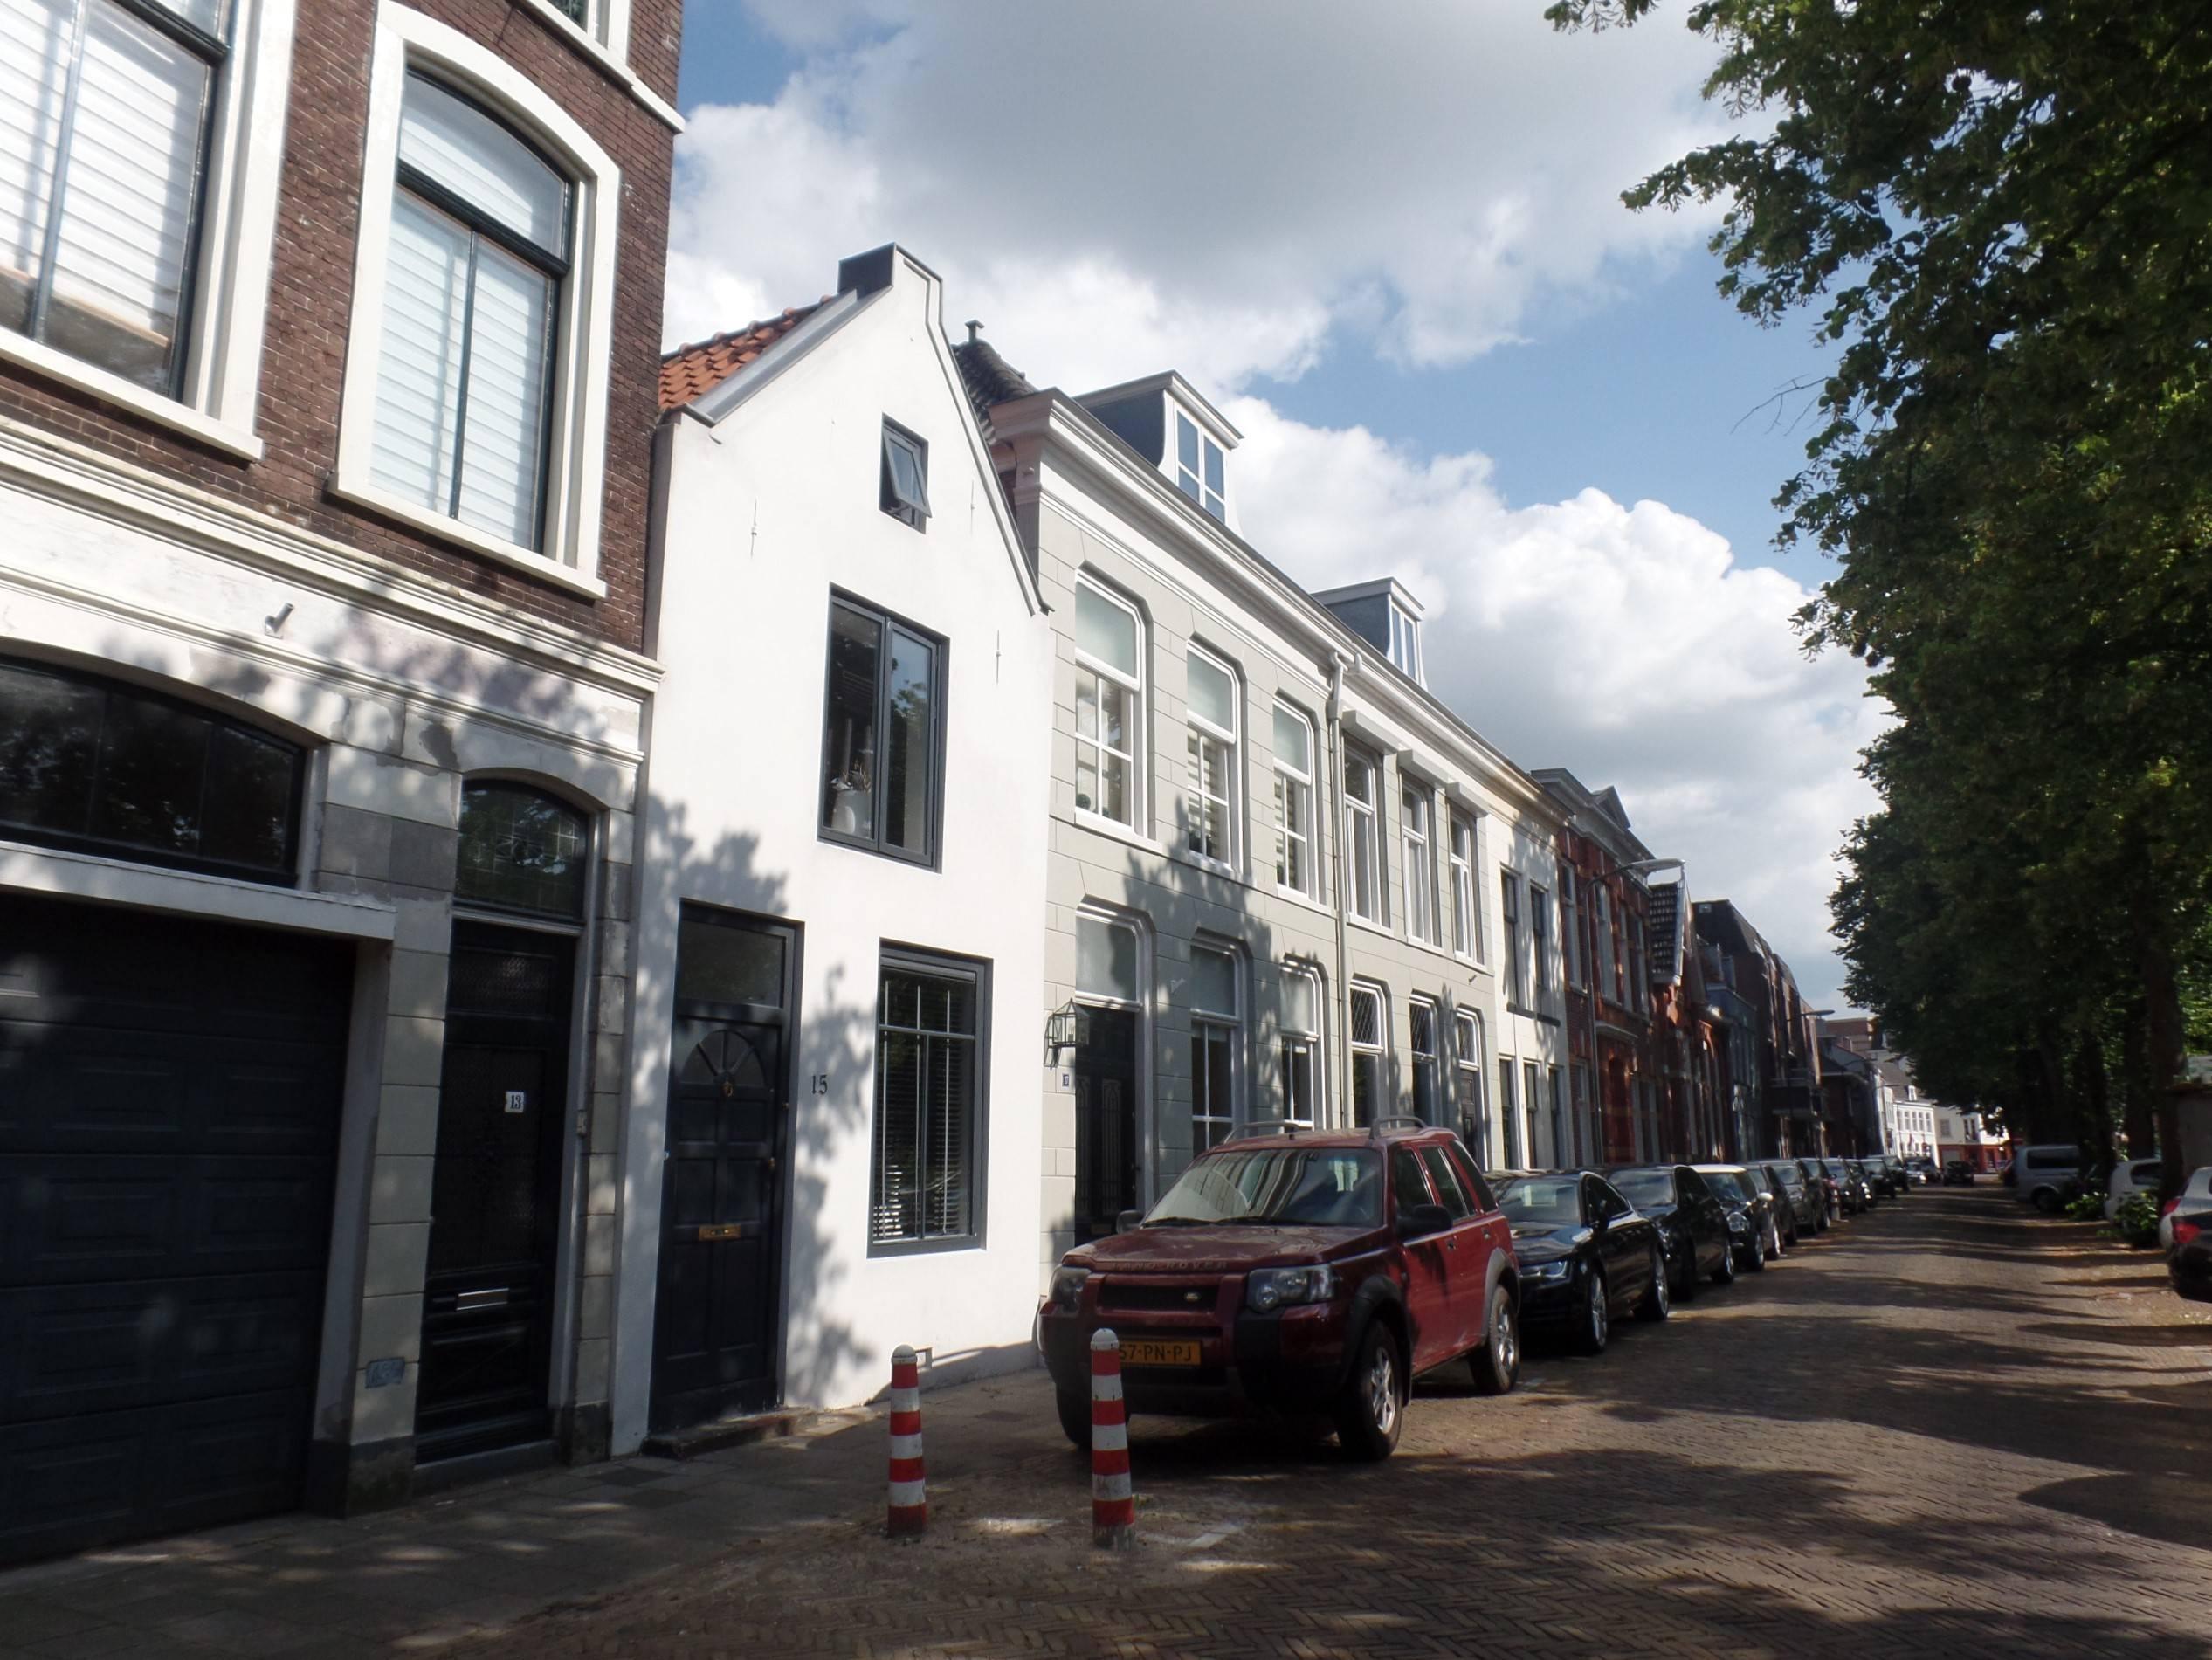 Kalkhaven, Gorinchem